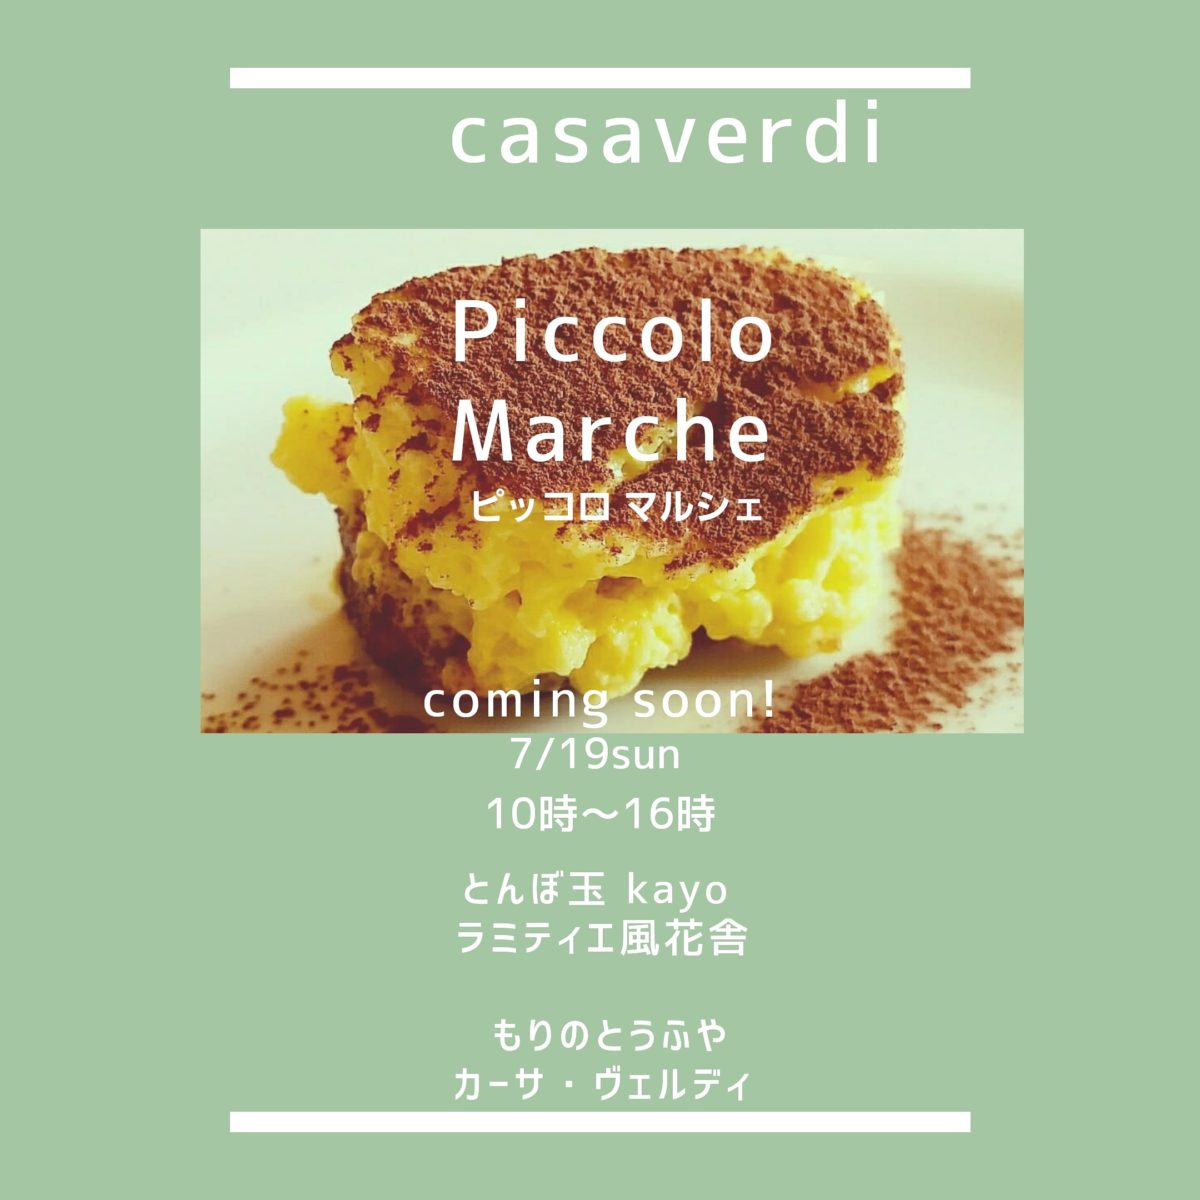 Piccolo Marche 7/19